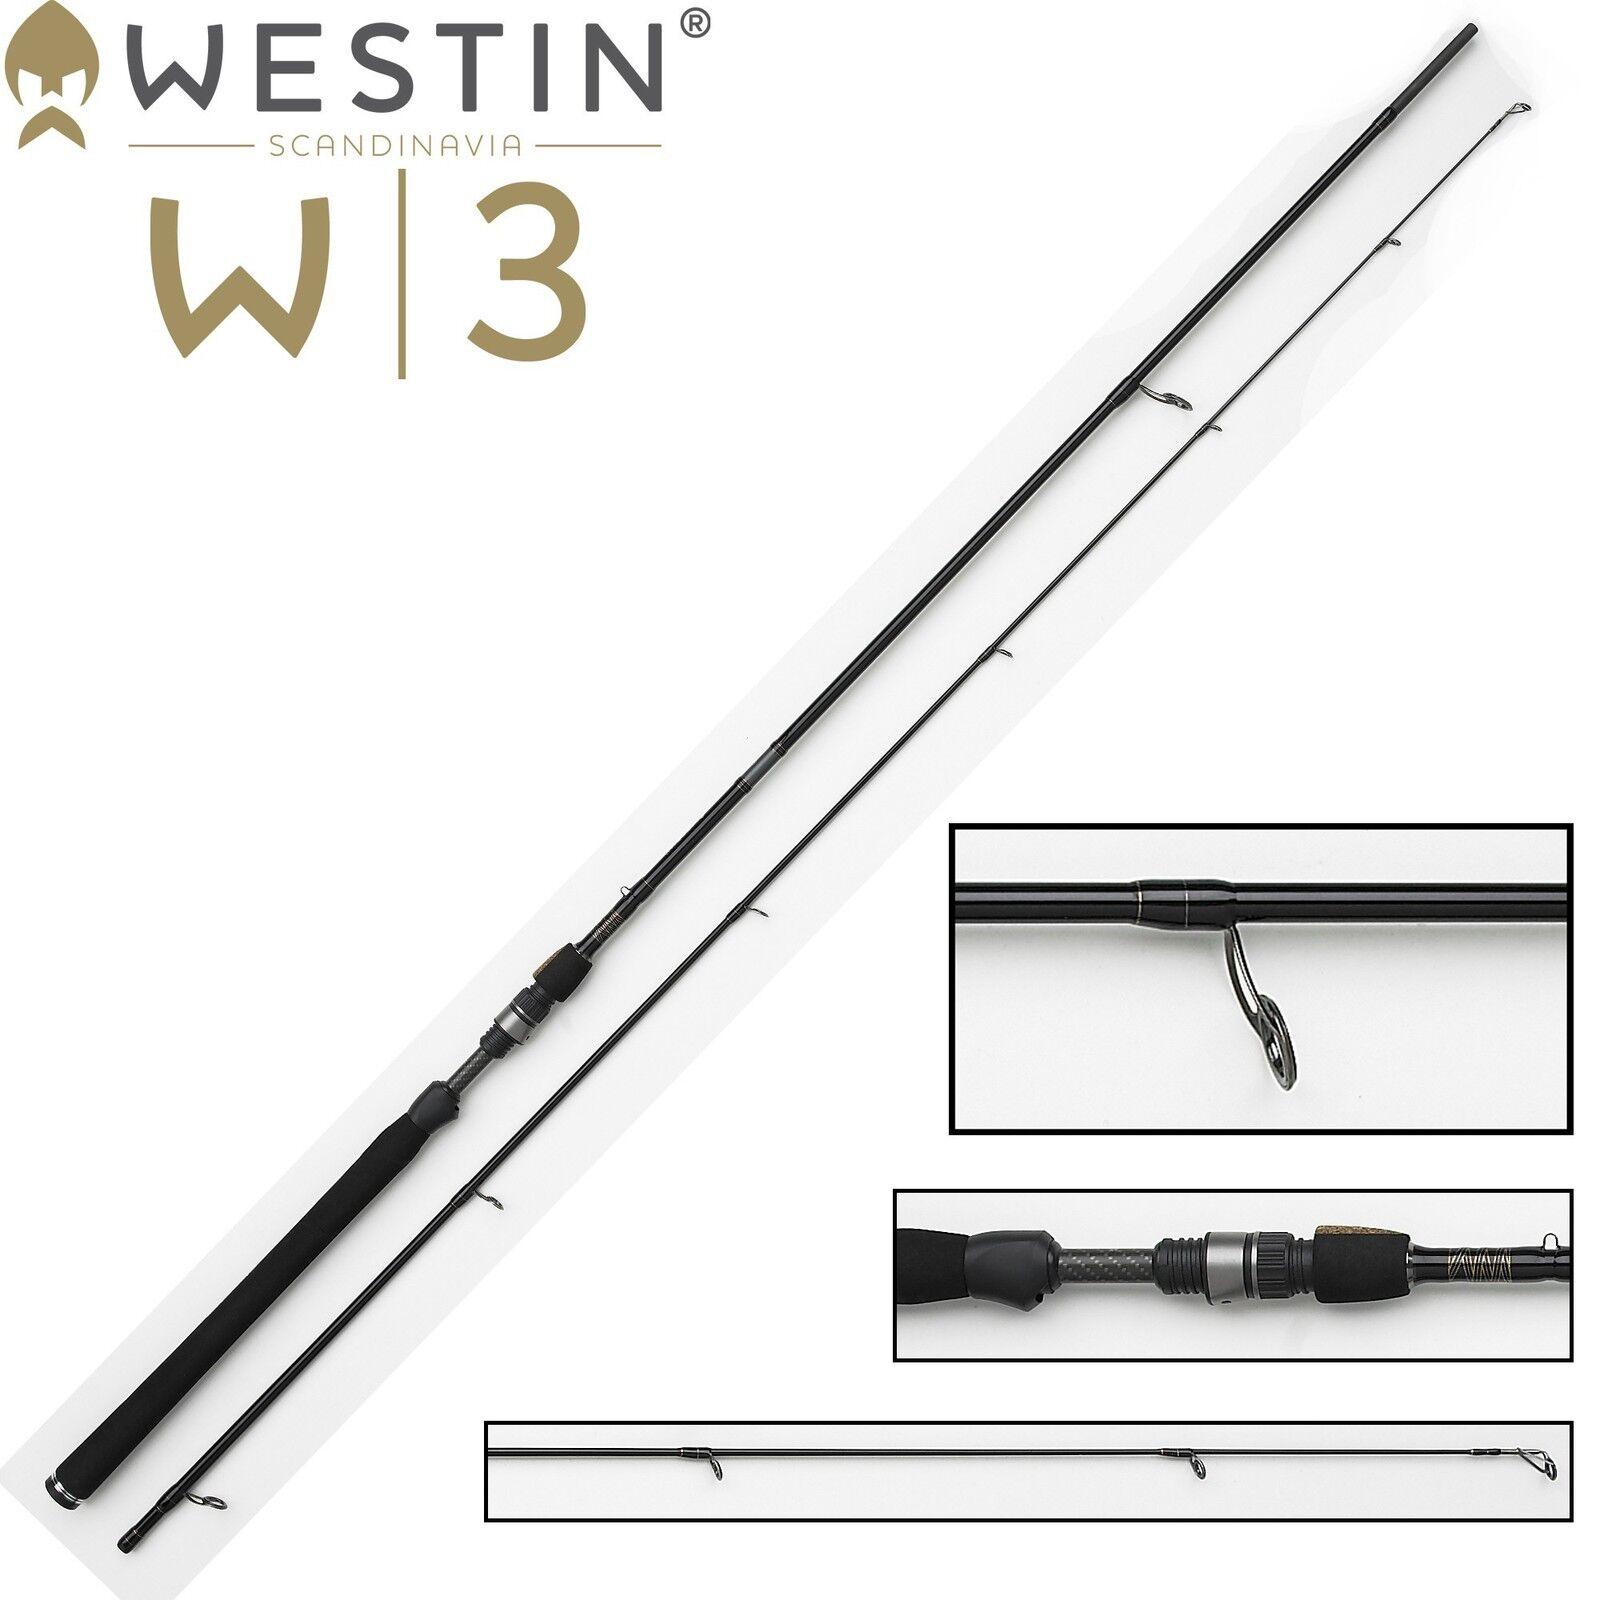 Westin W3 Powerlure 270cm H 20-60g Spinnrute zum Hecht und Zanderangeln